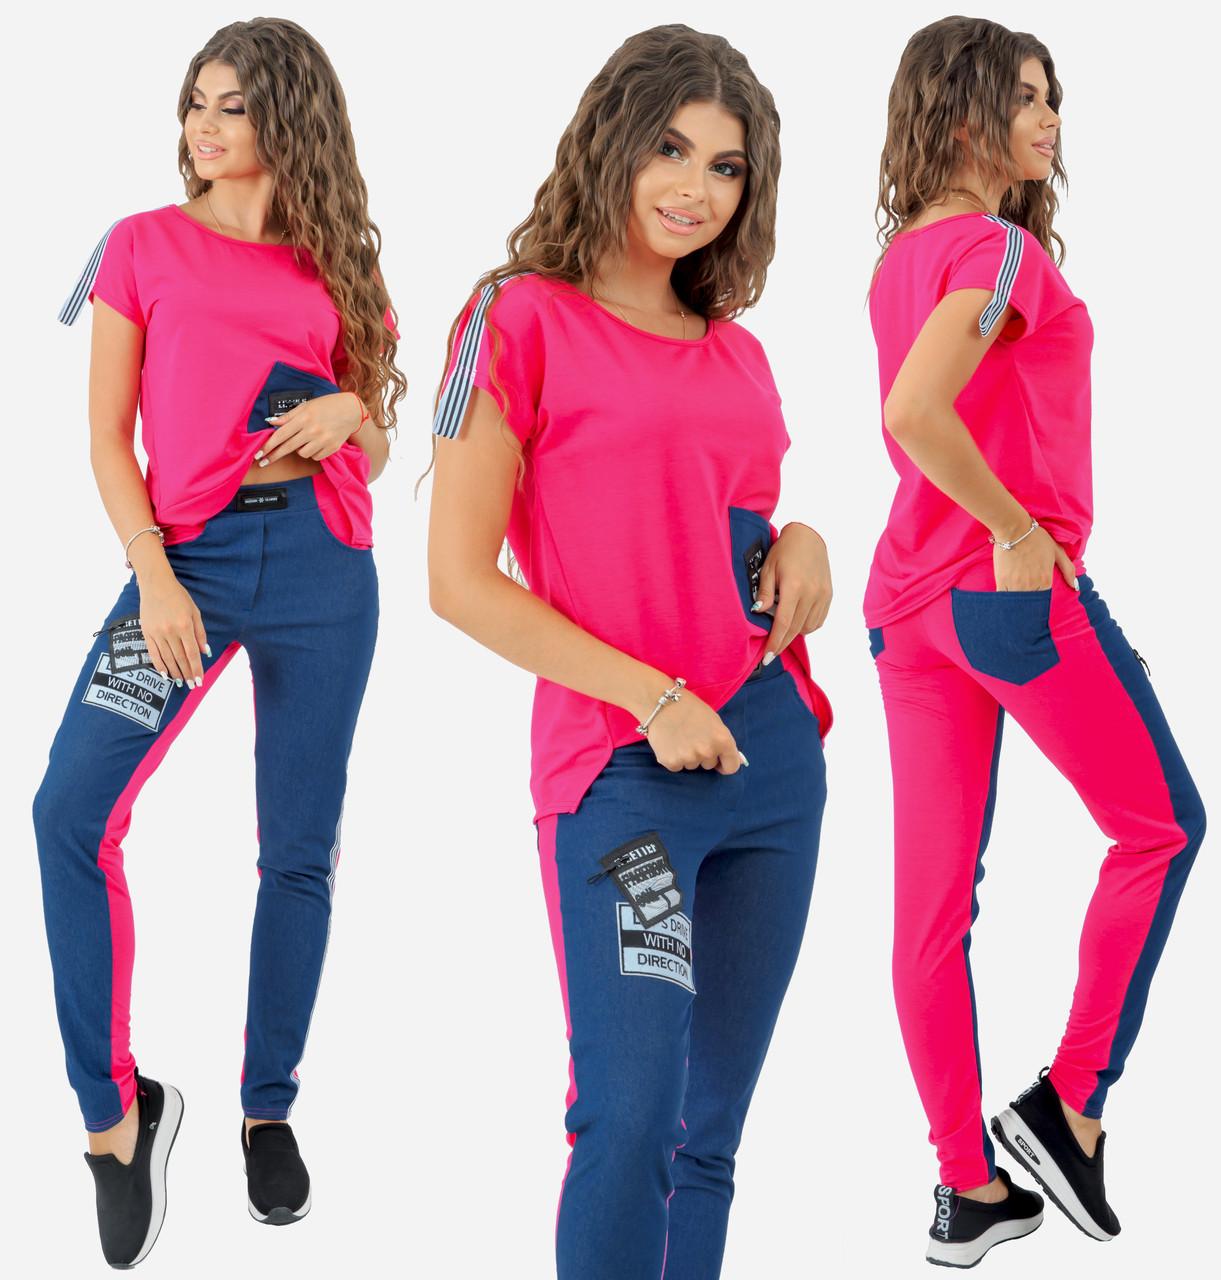 Женский  костюм  из комбинированной ткани джинс+двухнить, с декором /3 цвета  арт 6461-92